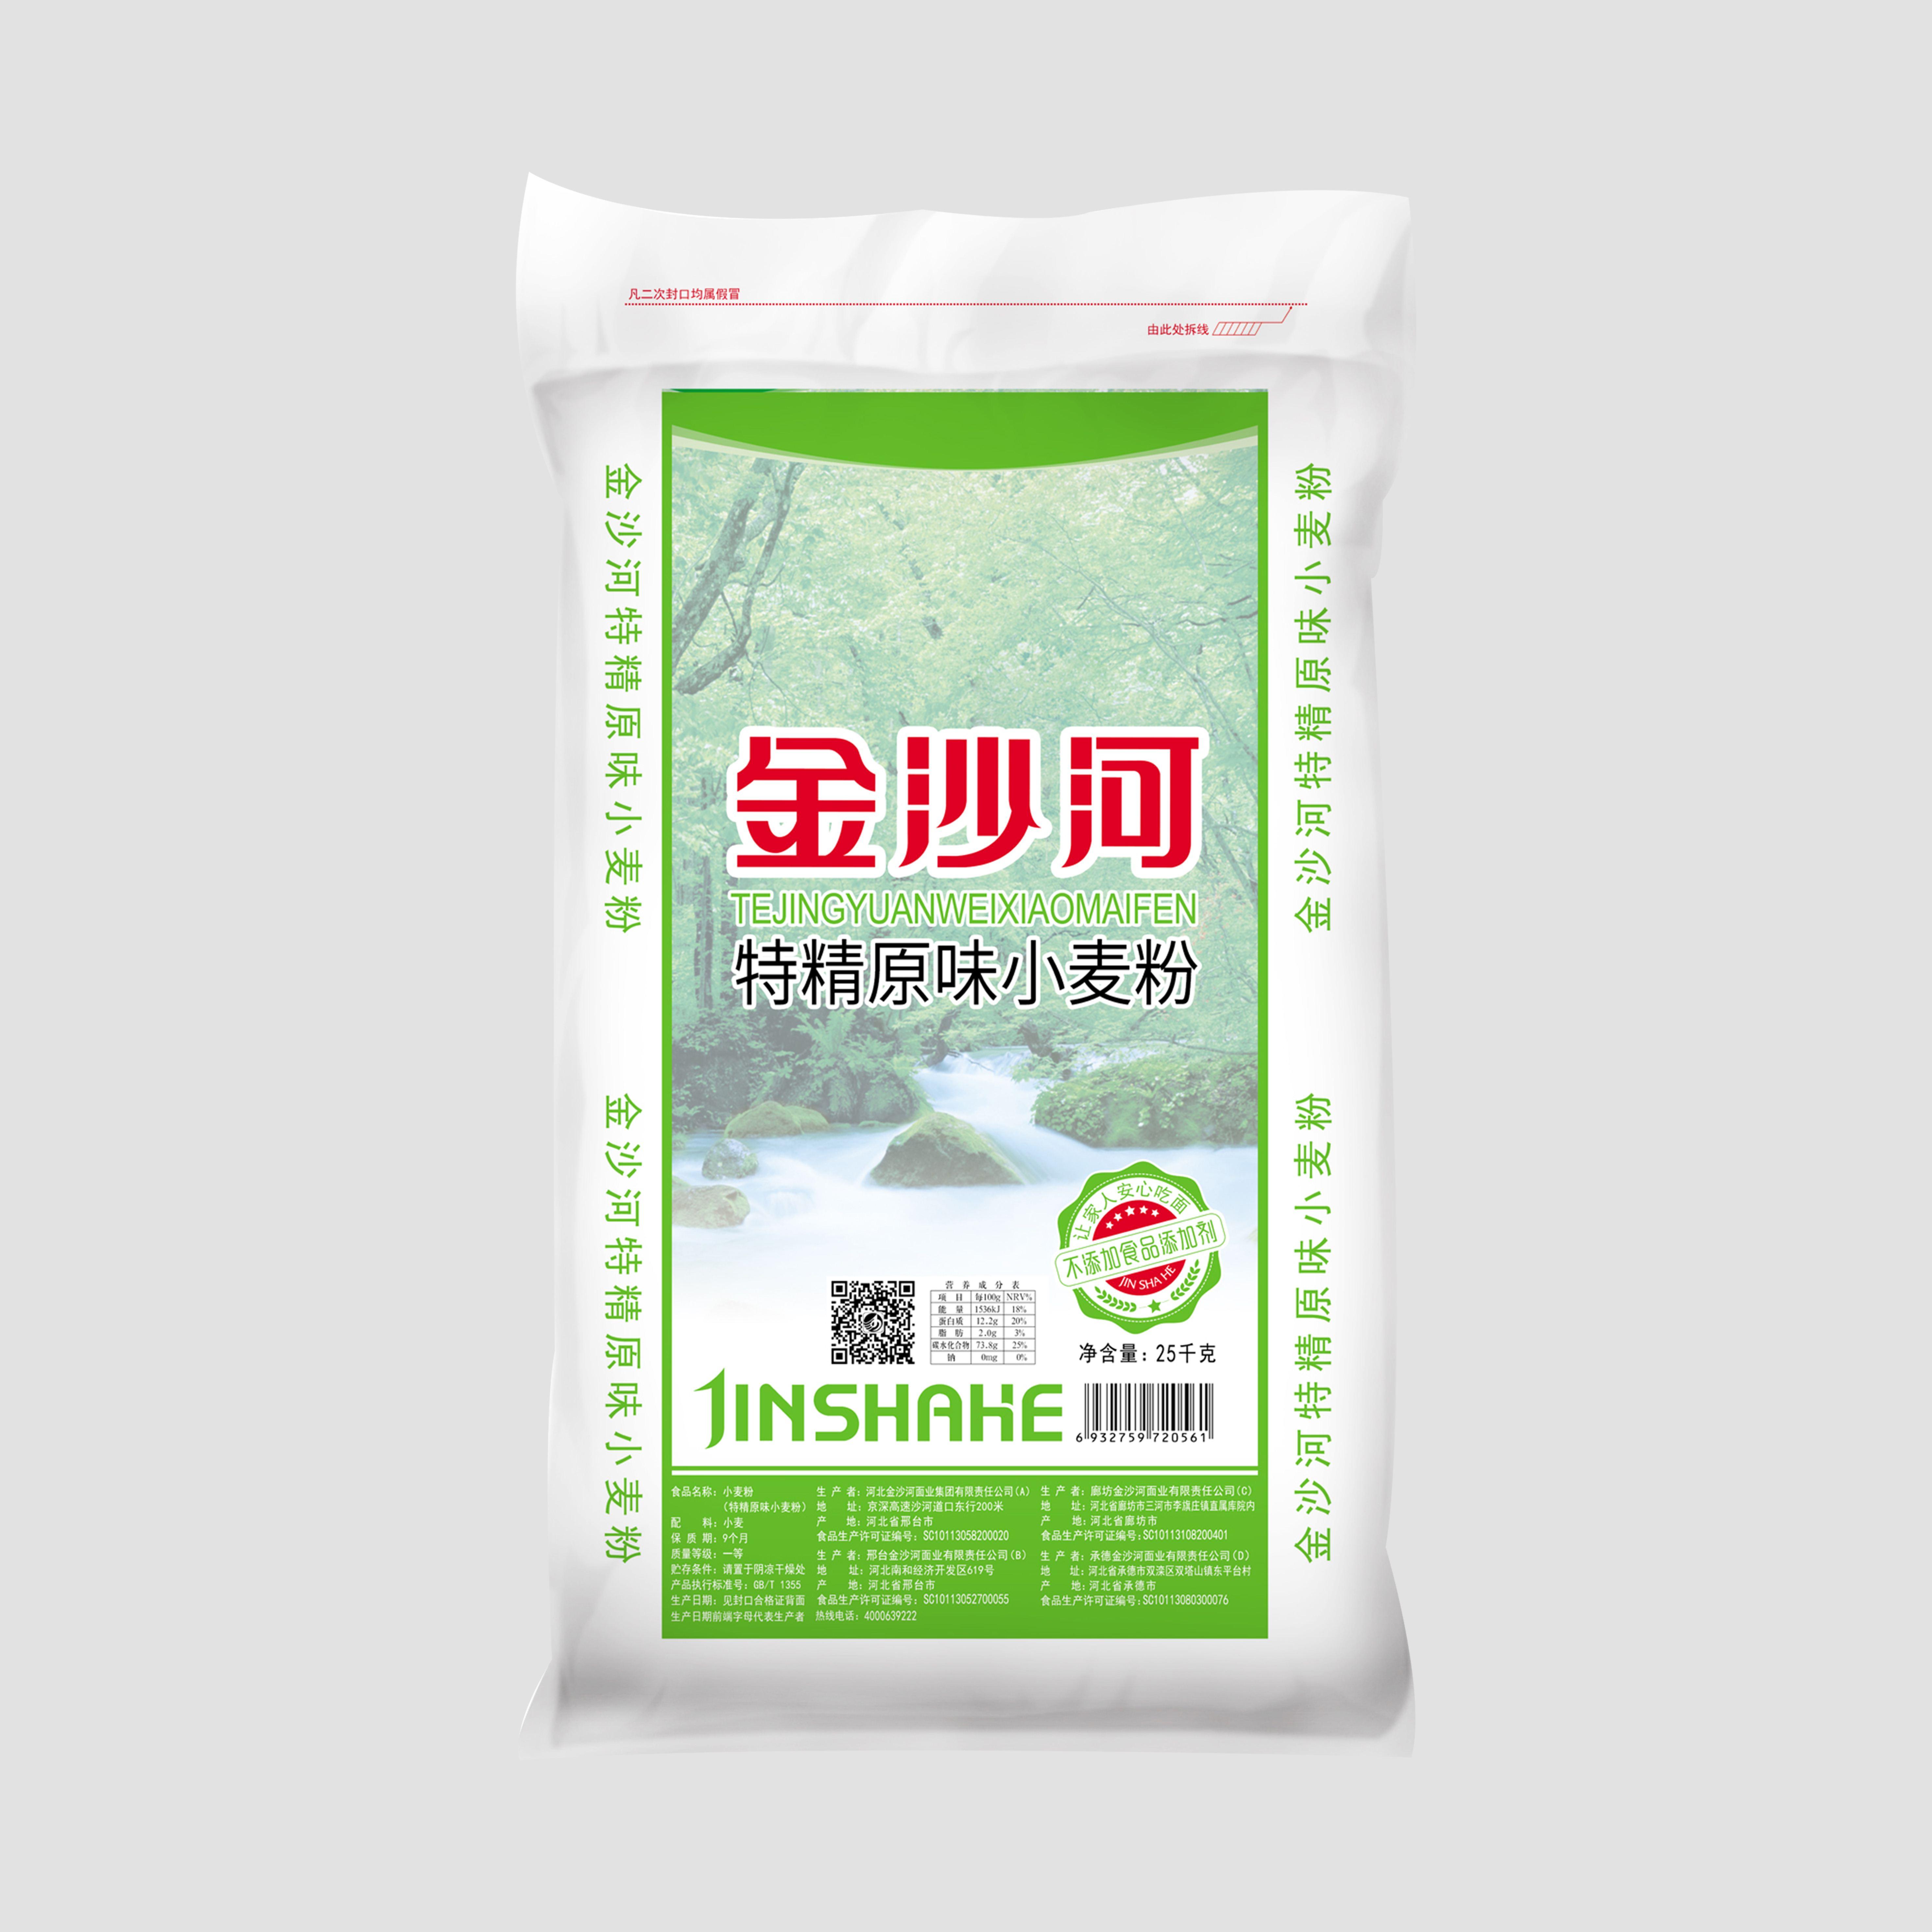 特精原味小麦粉 (2)